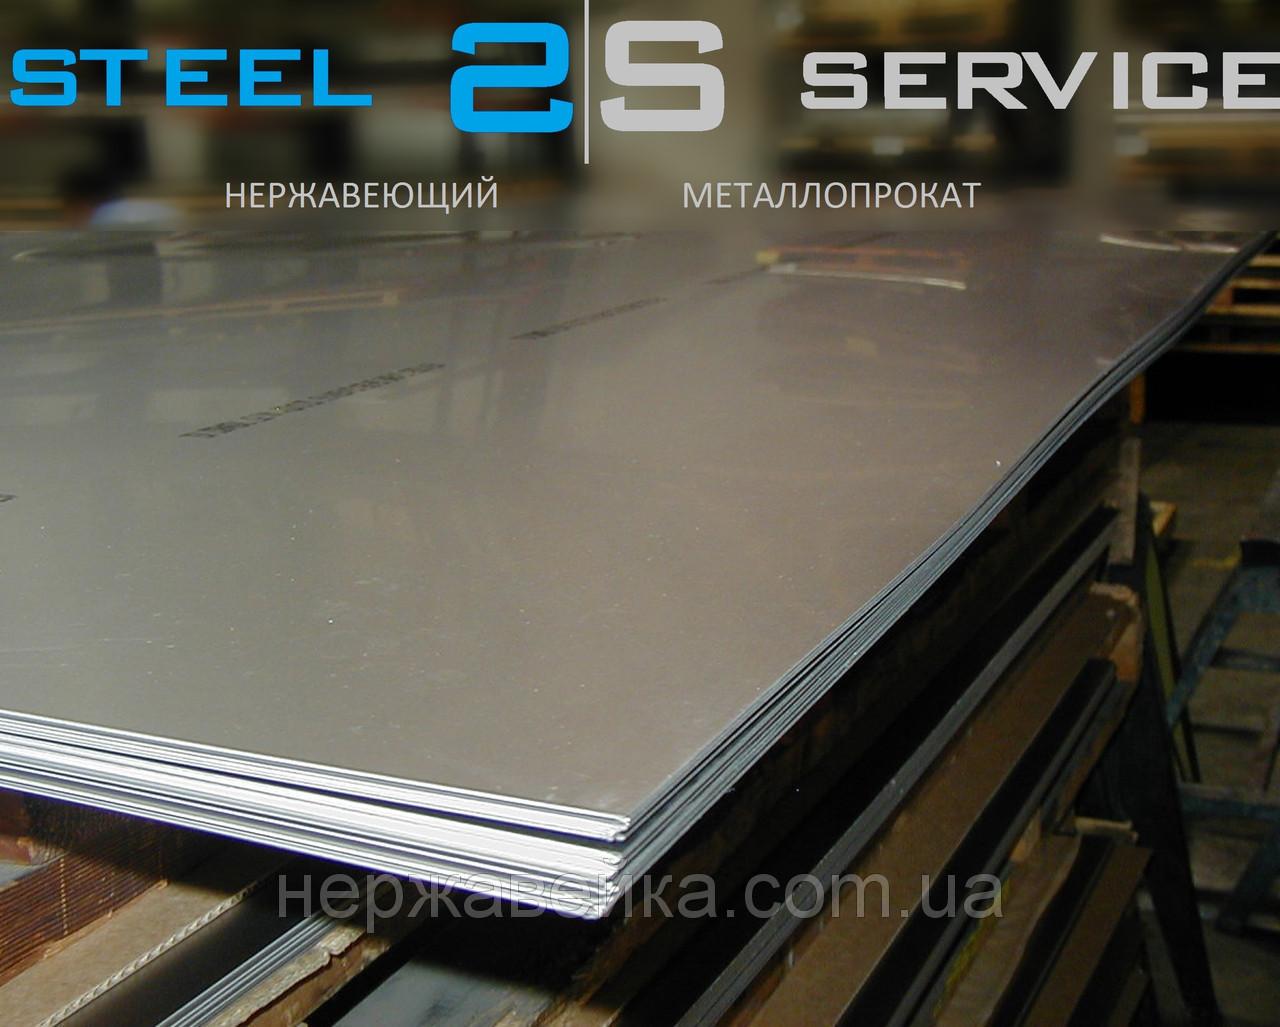 Нержавейка лист 4х1250х2500мм  AISI 309(20Х23Н13, 20Х20Н14С2) 2B - матовый,  жаропрочный